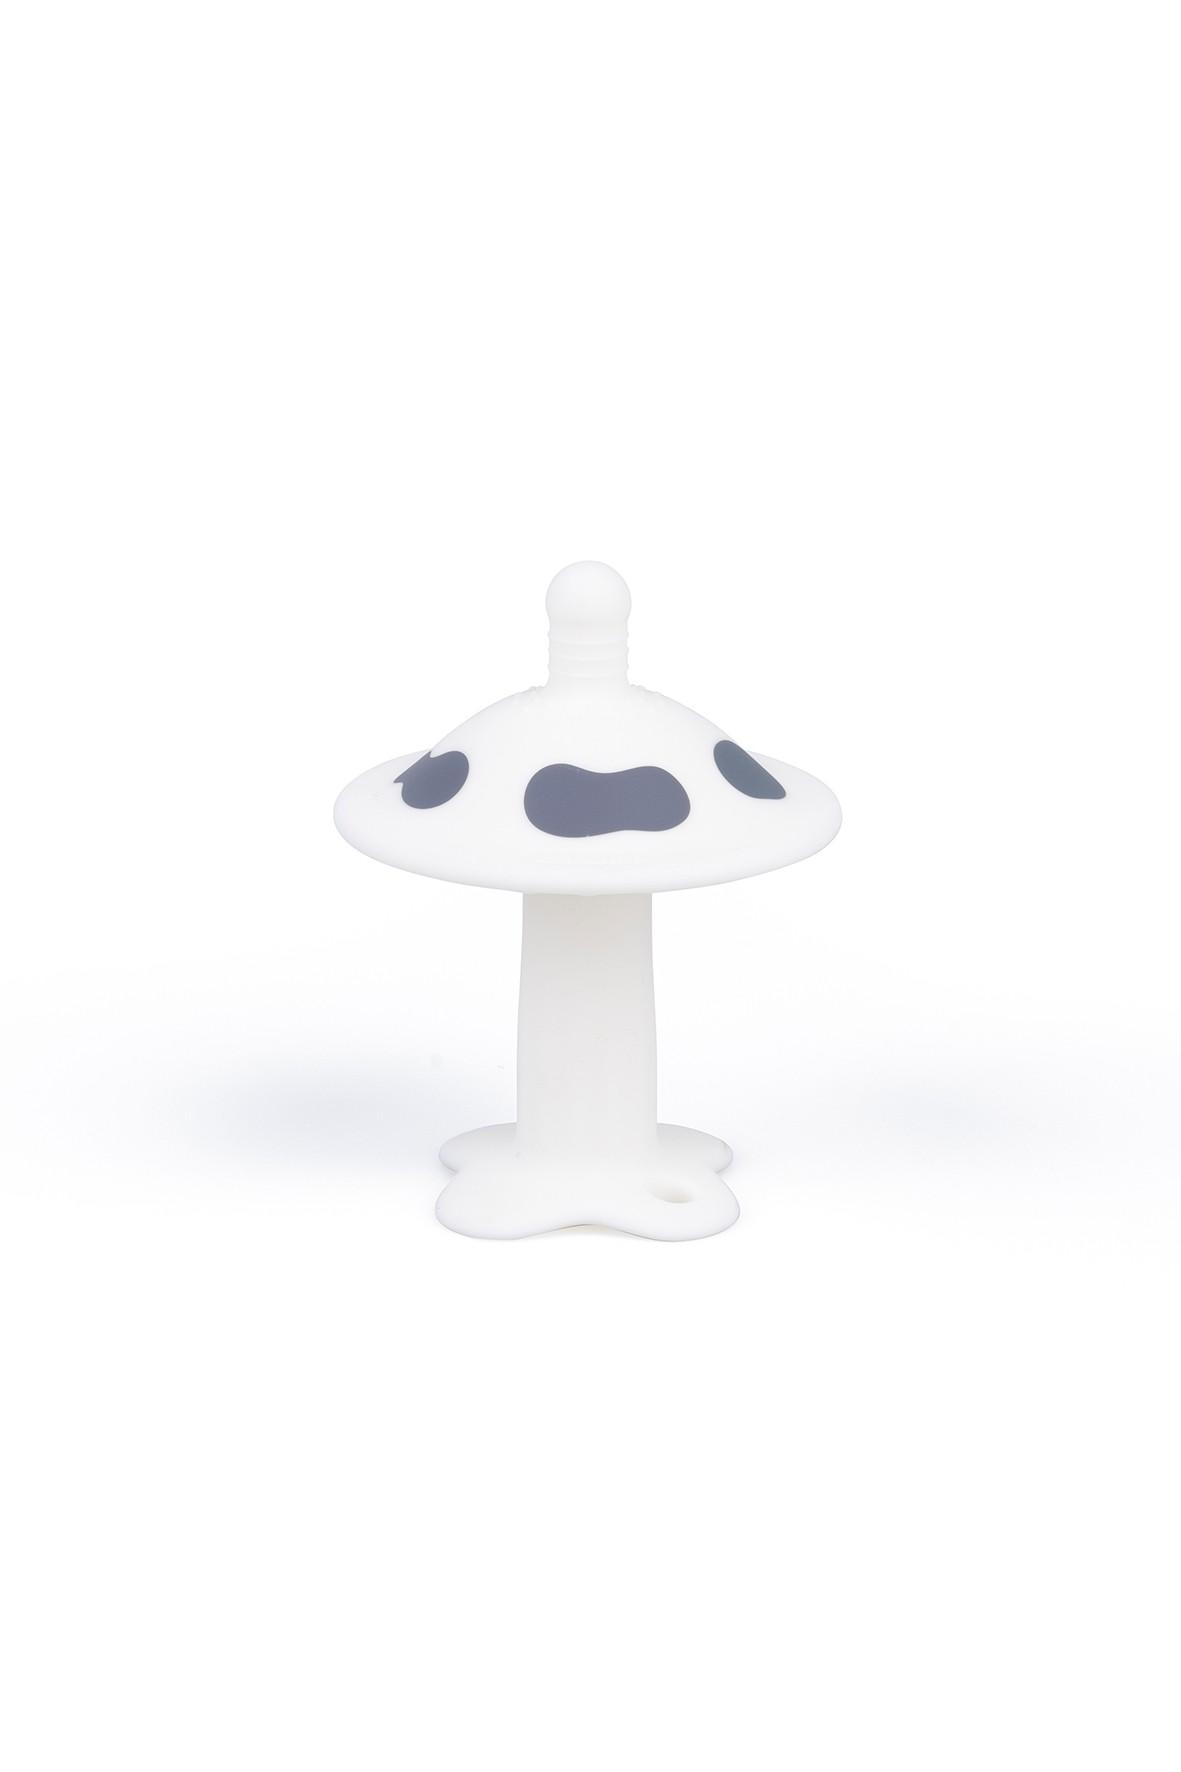 Silikonowy gryzak grzybek - biały wiek 3msc+